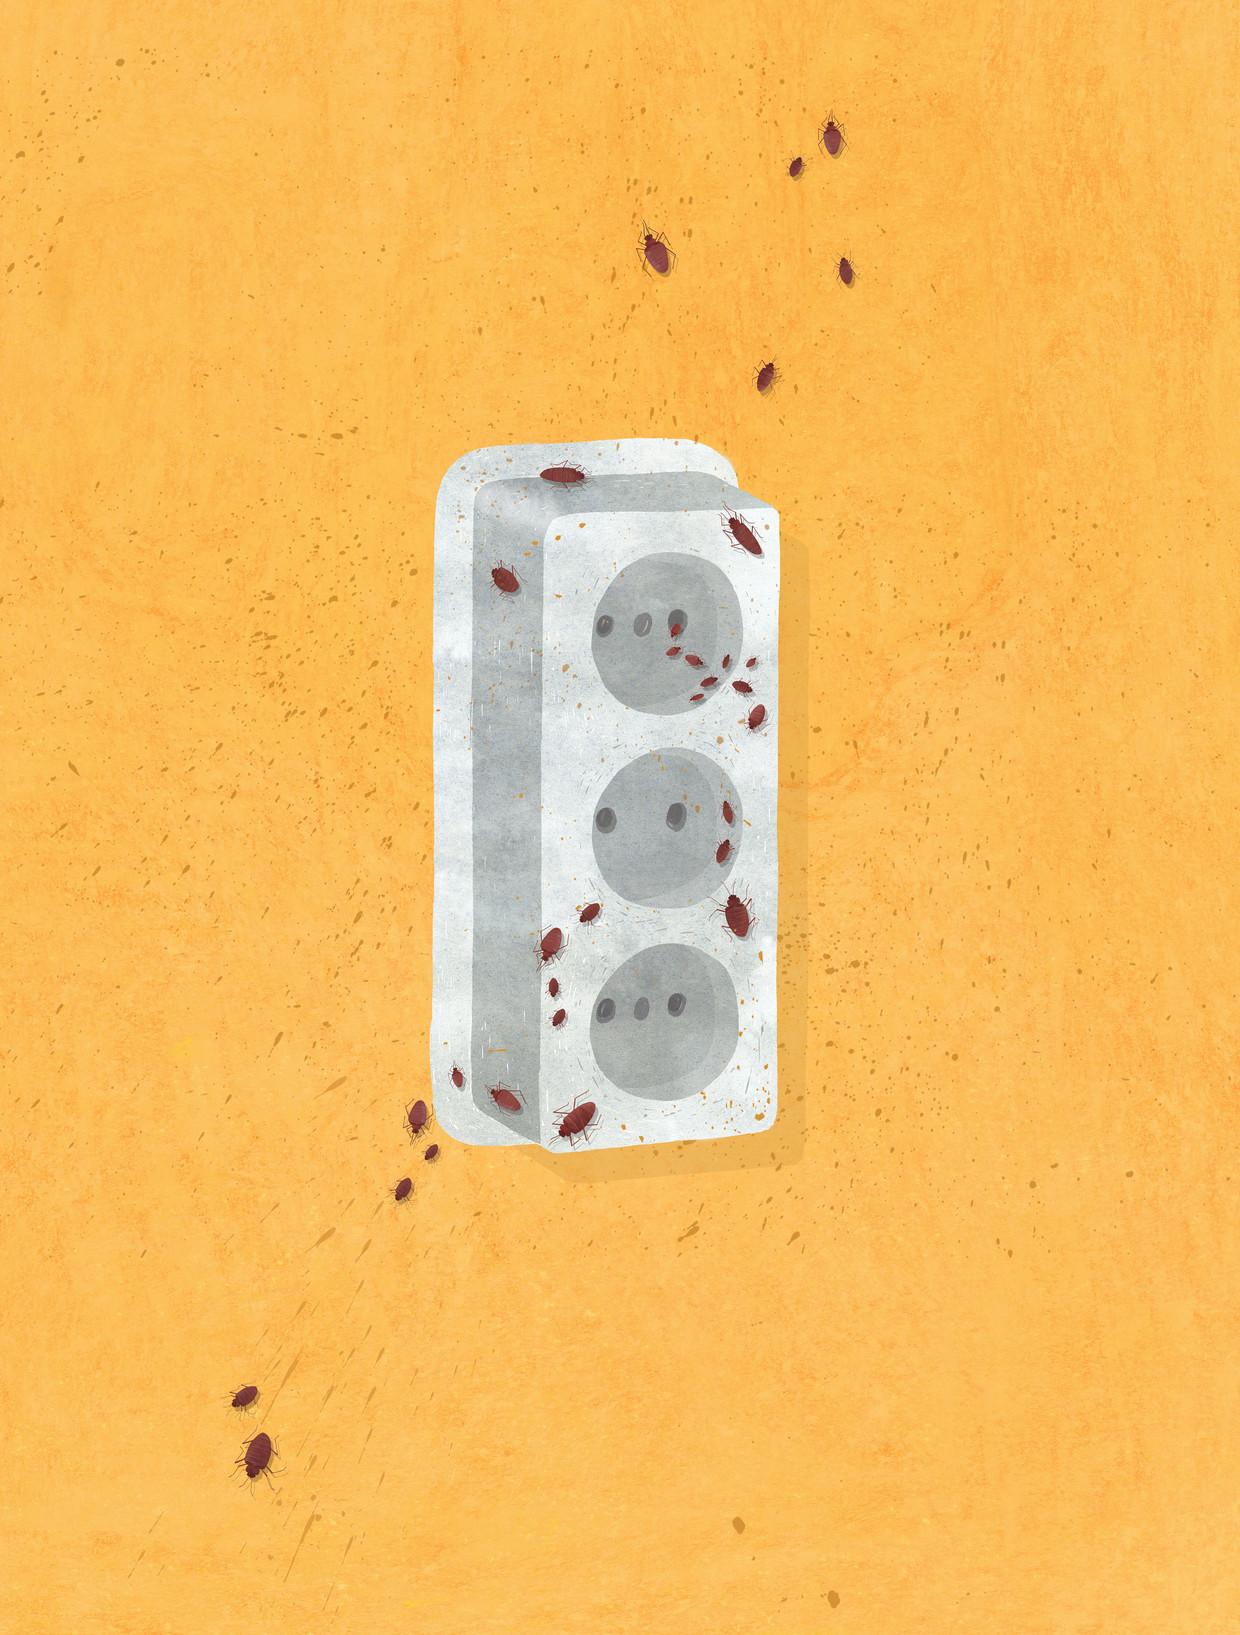 Om een bedwantsenbehandeling goed te kunnen uitvoeren moeten stopcontacten van de muur.